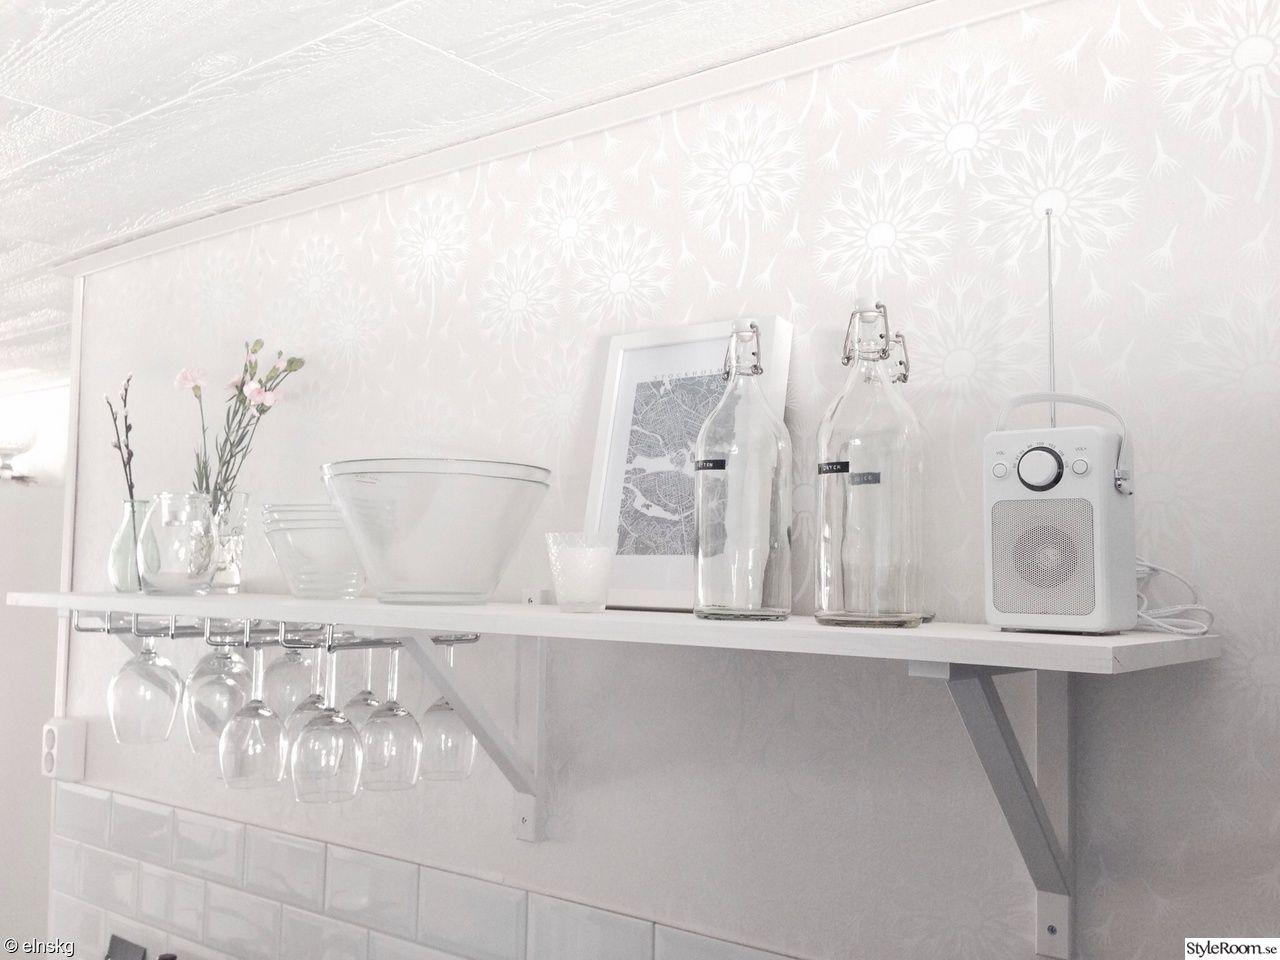 Förvaring vinglas Kök Pinterest Vinglas och Kök